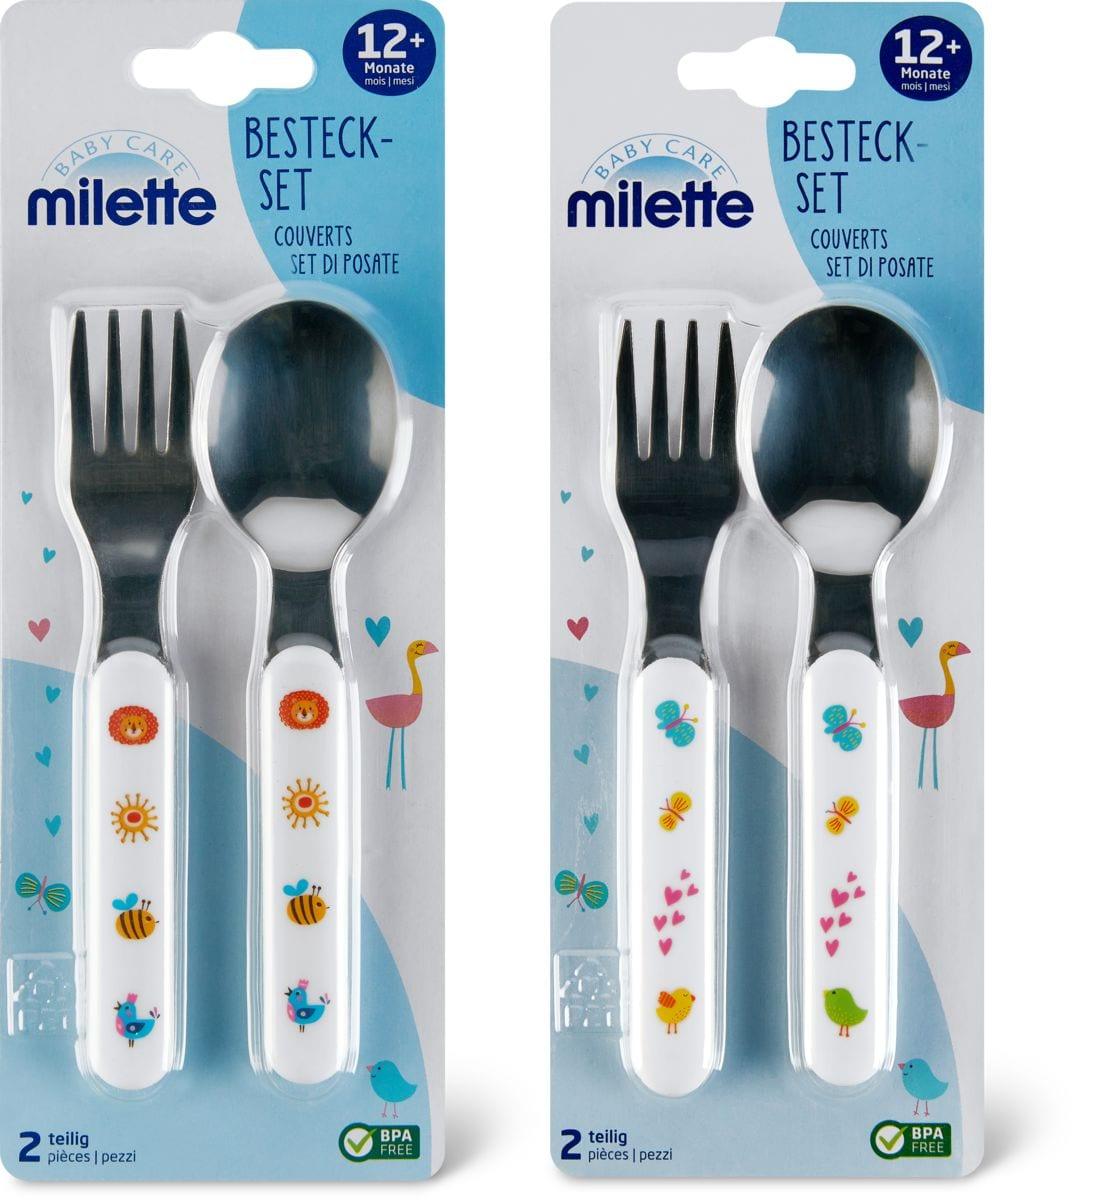 Milette Besteck Set